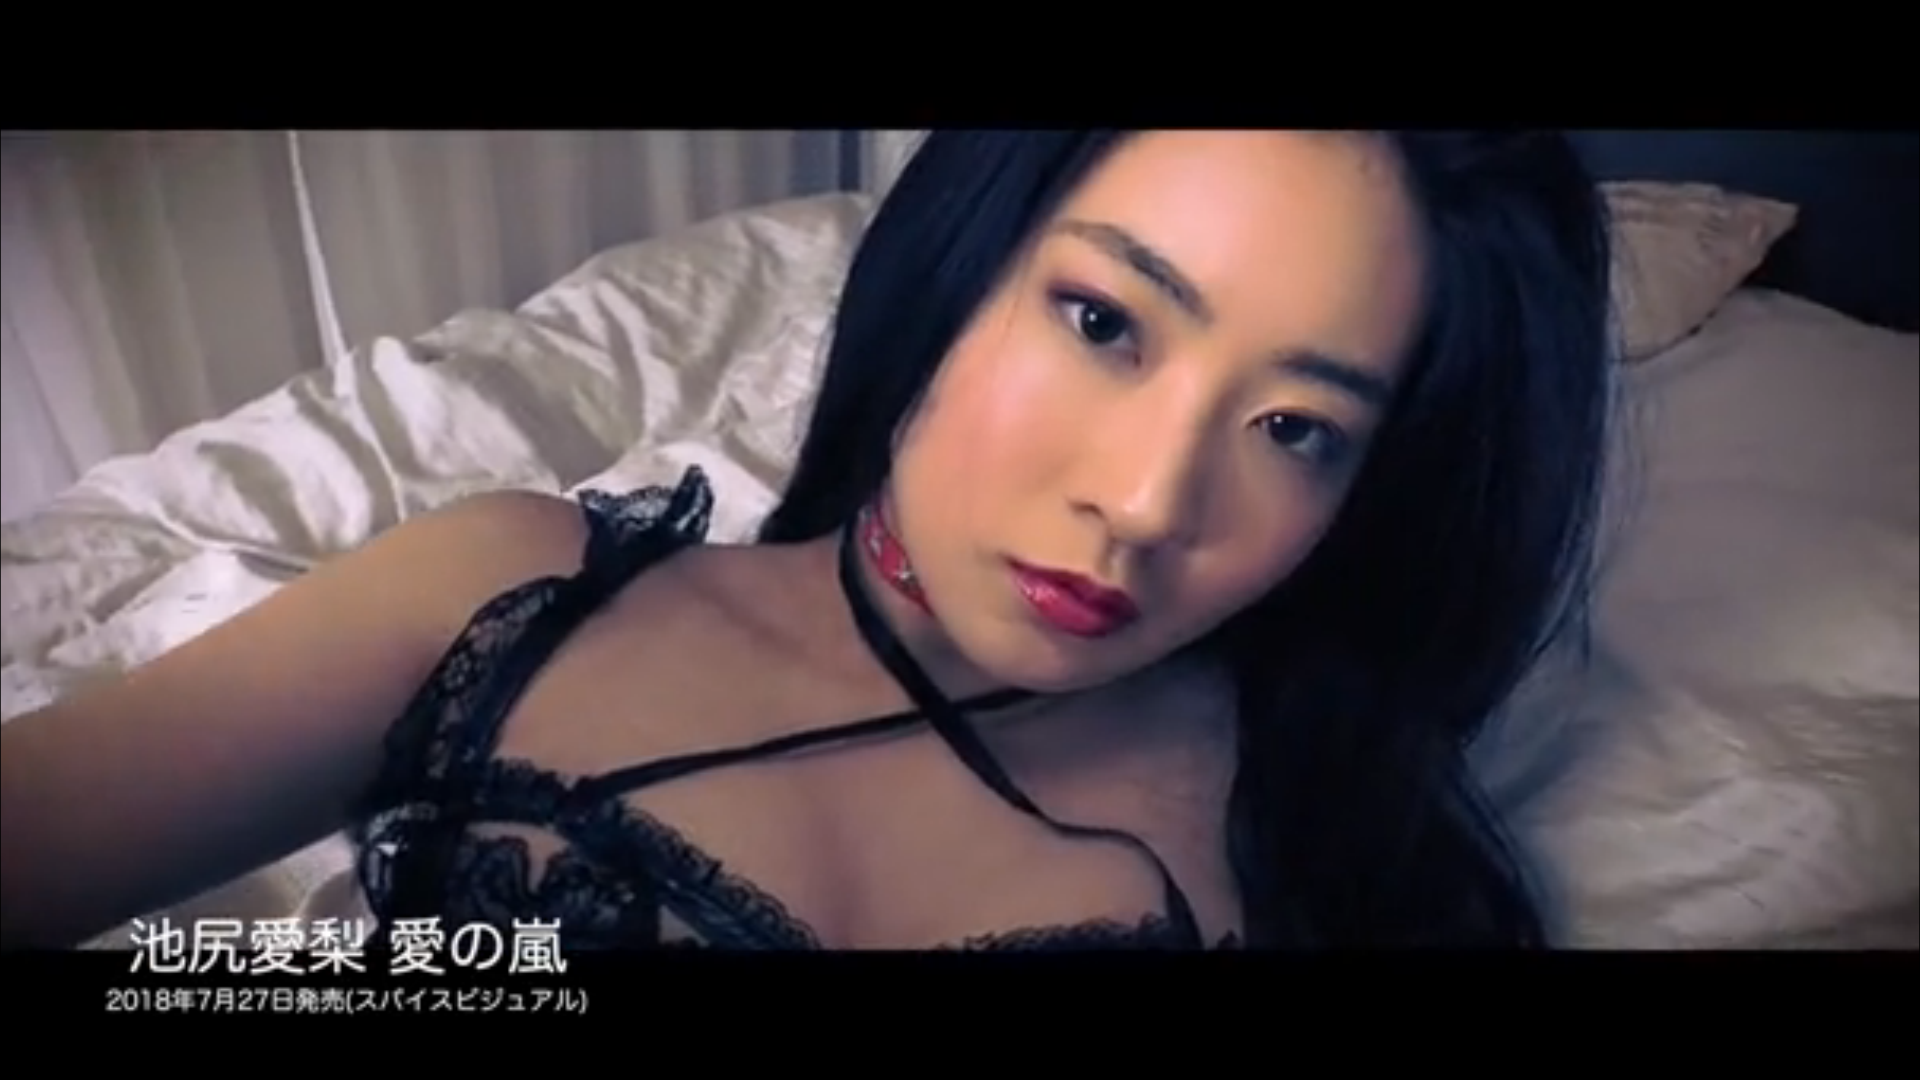 【池尻愛梨(伊藤愛梨)】-カップ2 「愛の嵐」サンプル動画